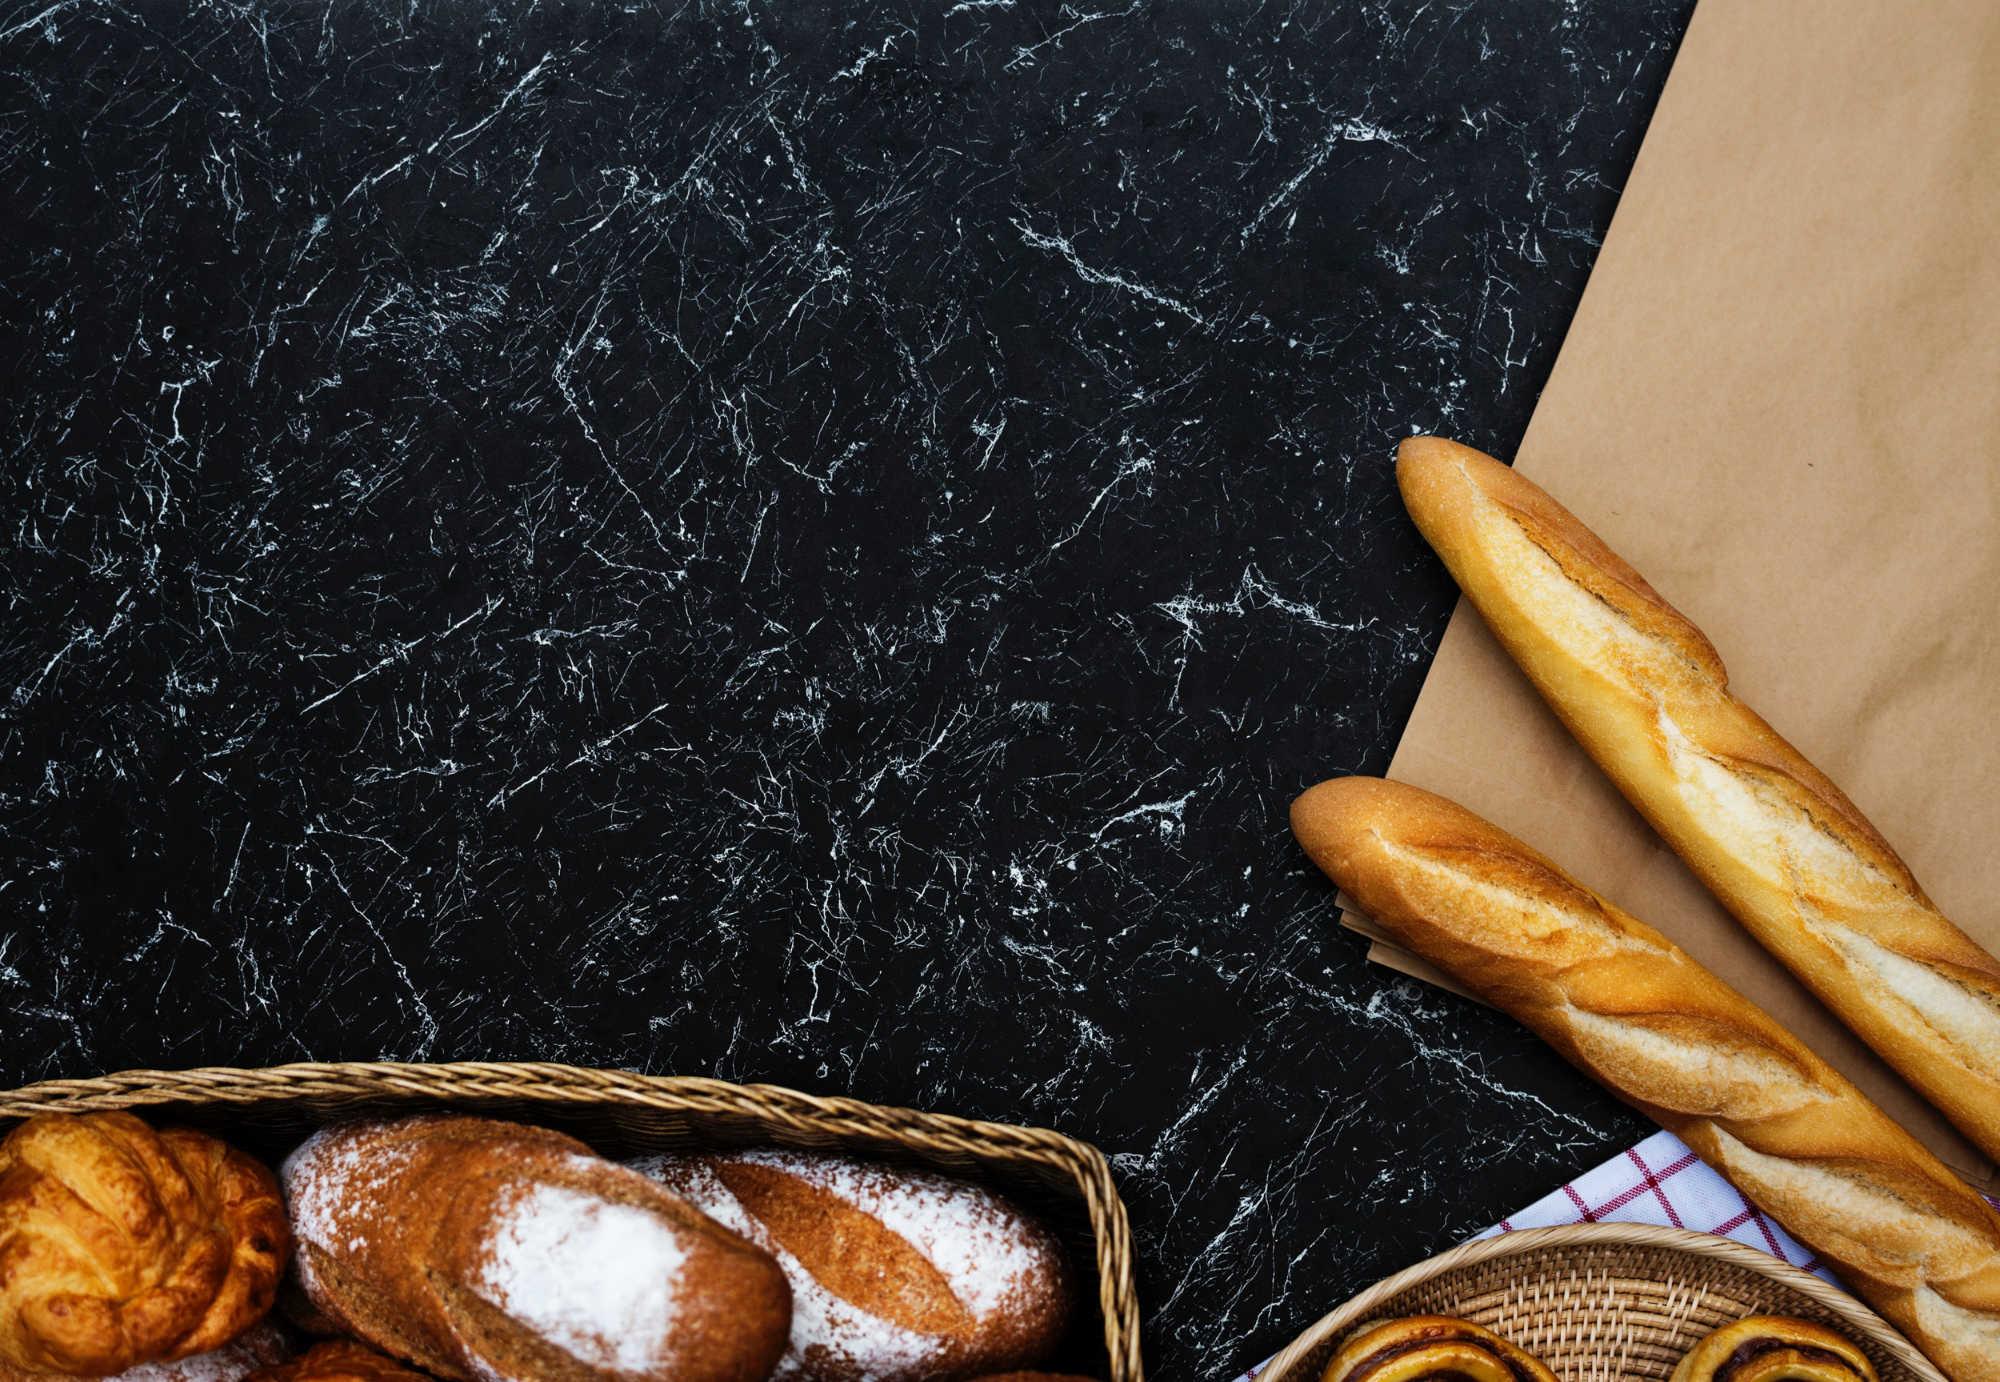 Comment un texturant alimentaire courant pourrait être lié la maladie cœliaque